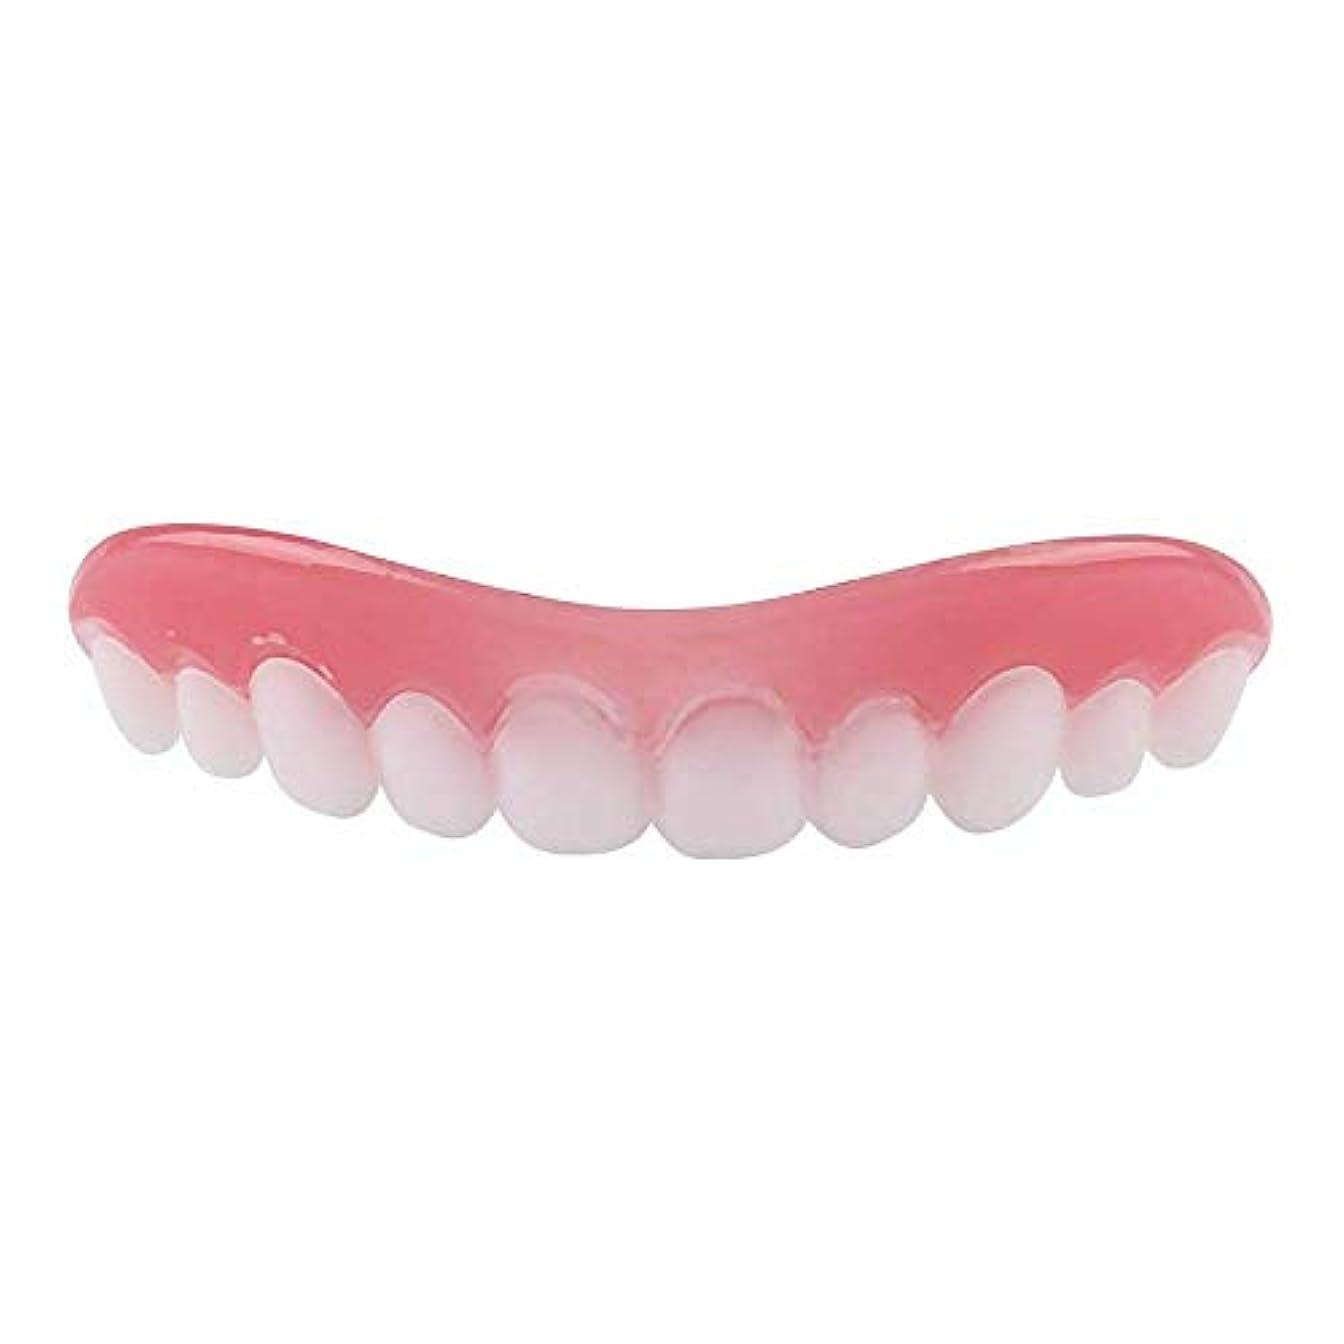 走るルートデータムRoman Center アクセティース 歯ホワイトニング シリコン義歯ペースト 上歯 笑顔を保つ 歯保護 歯カバー 美容用 入れ歯